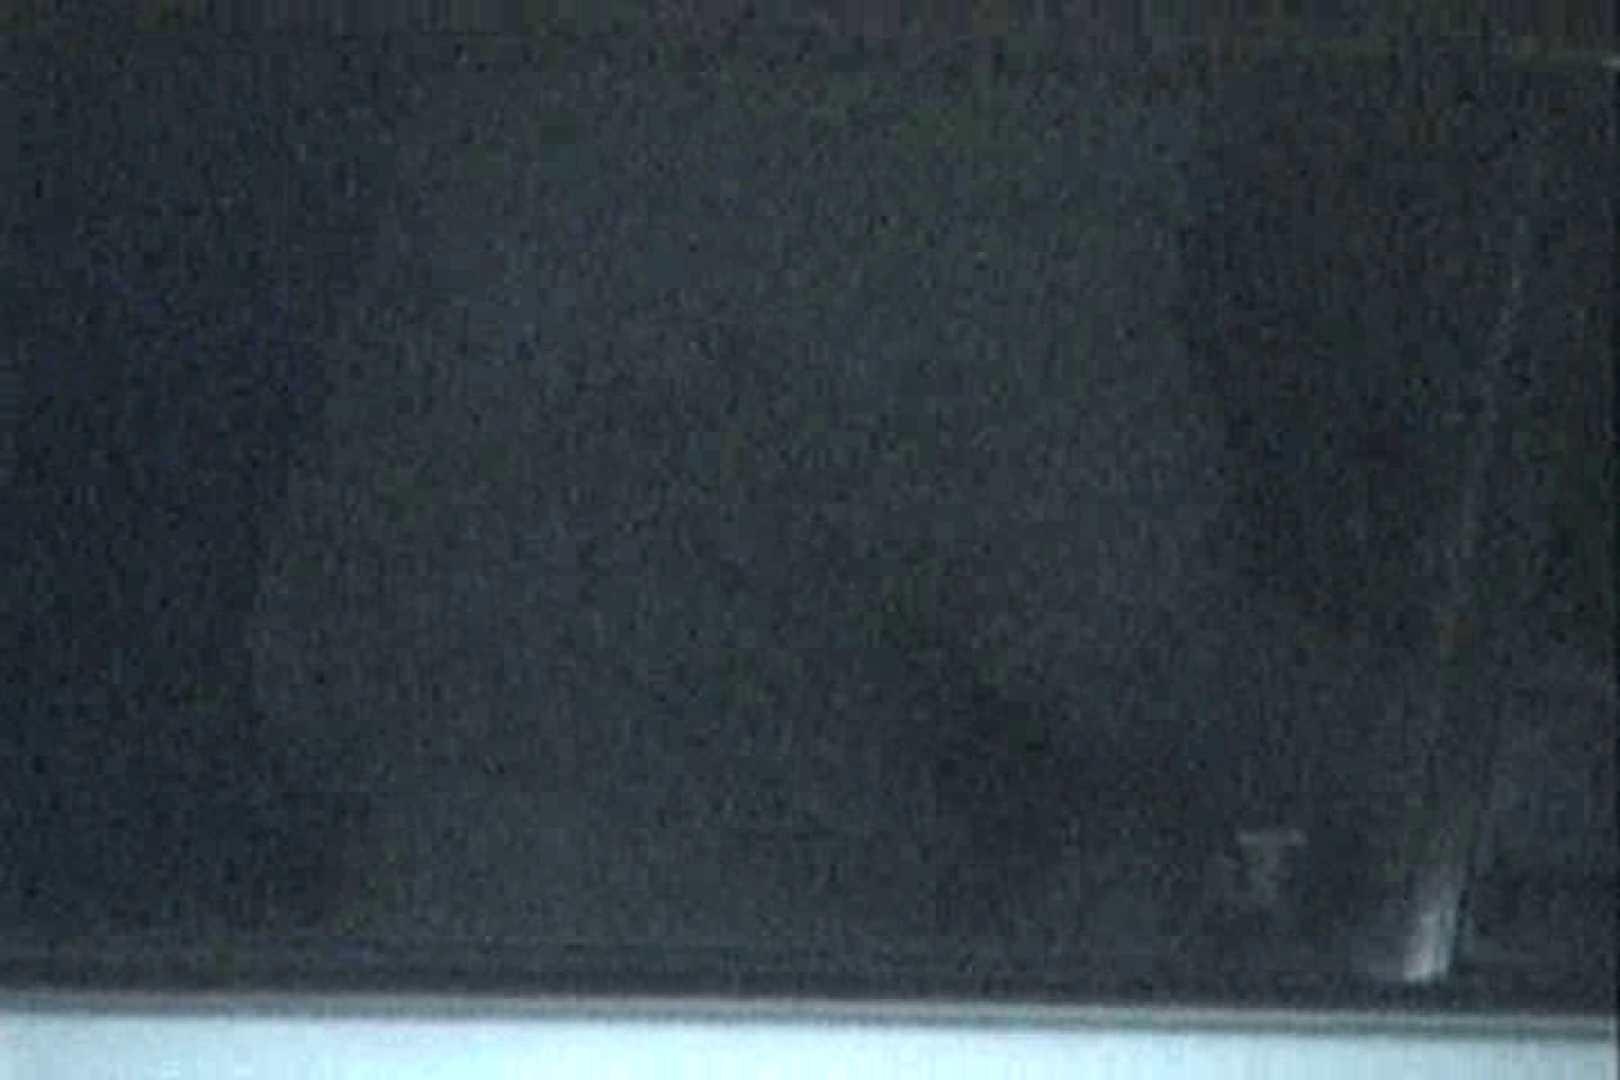 充血監督の深夜の運動会Vol.14 カップル オマンコ動画キャプチャ 103画像 65